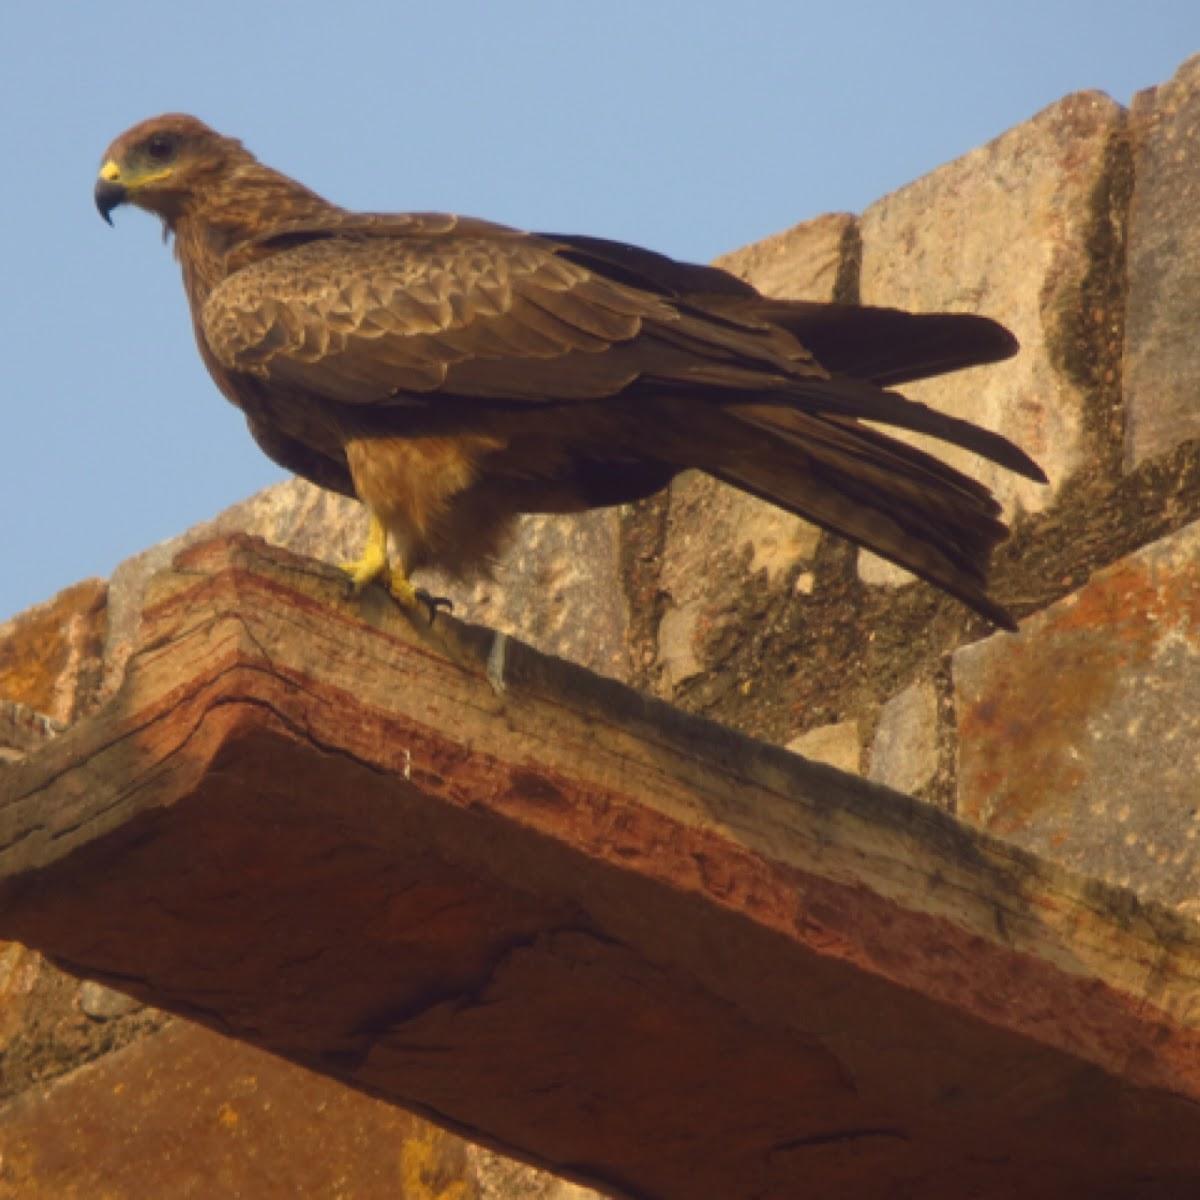 Black Kite (Pariah Kite)